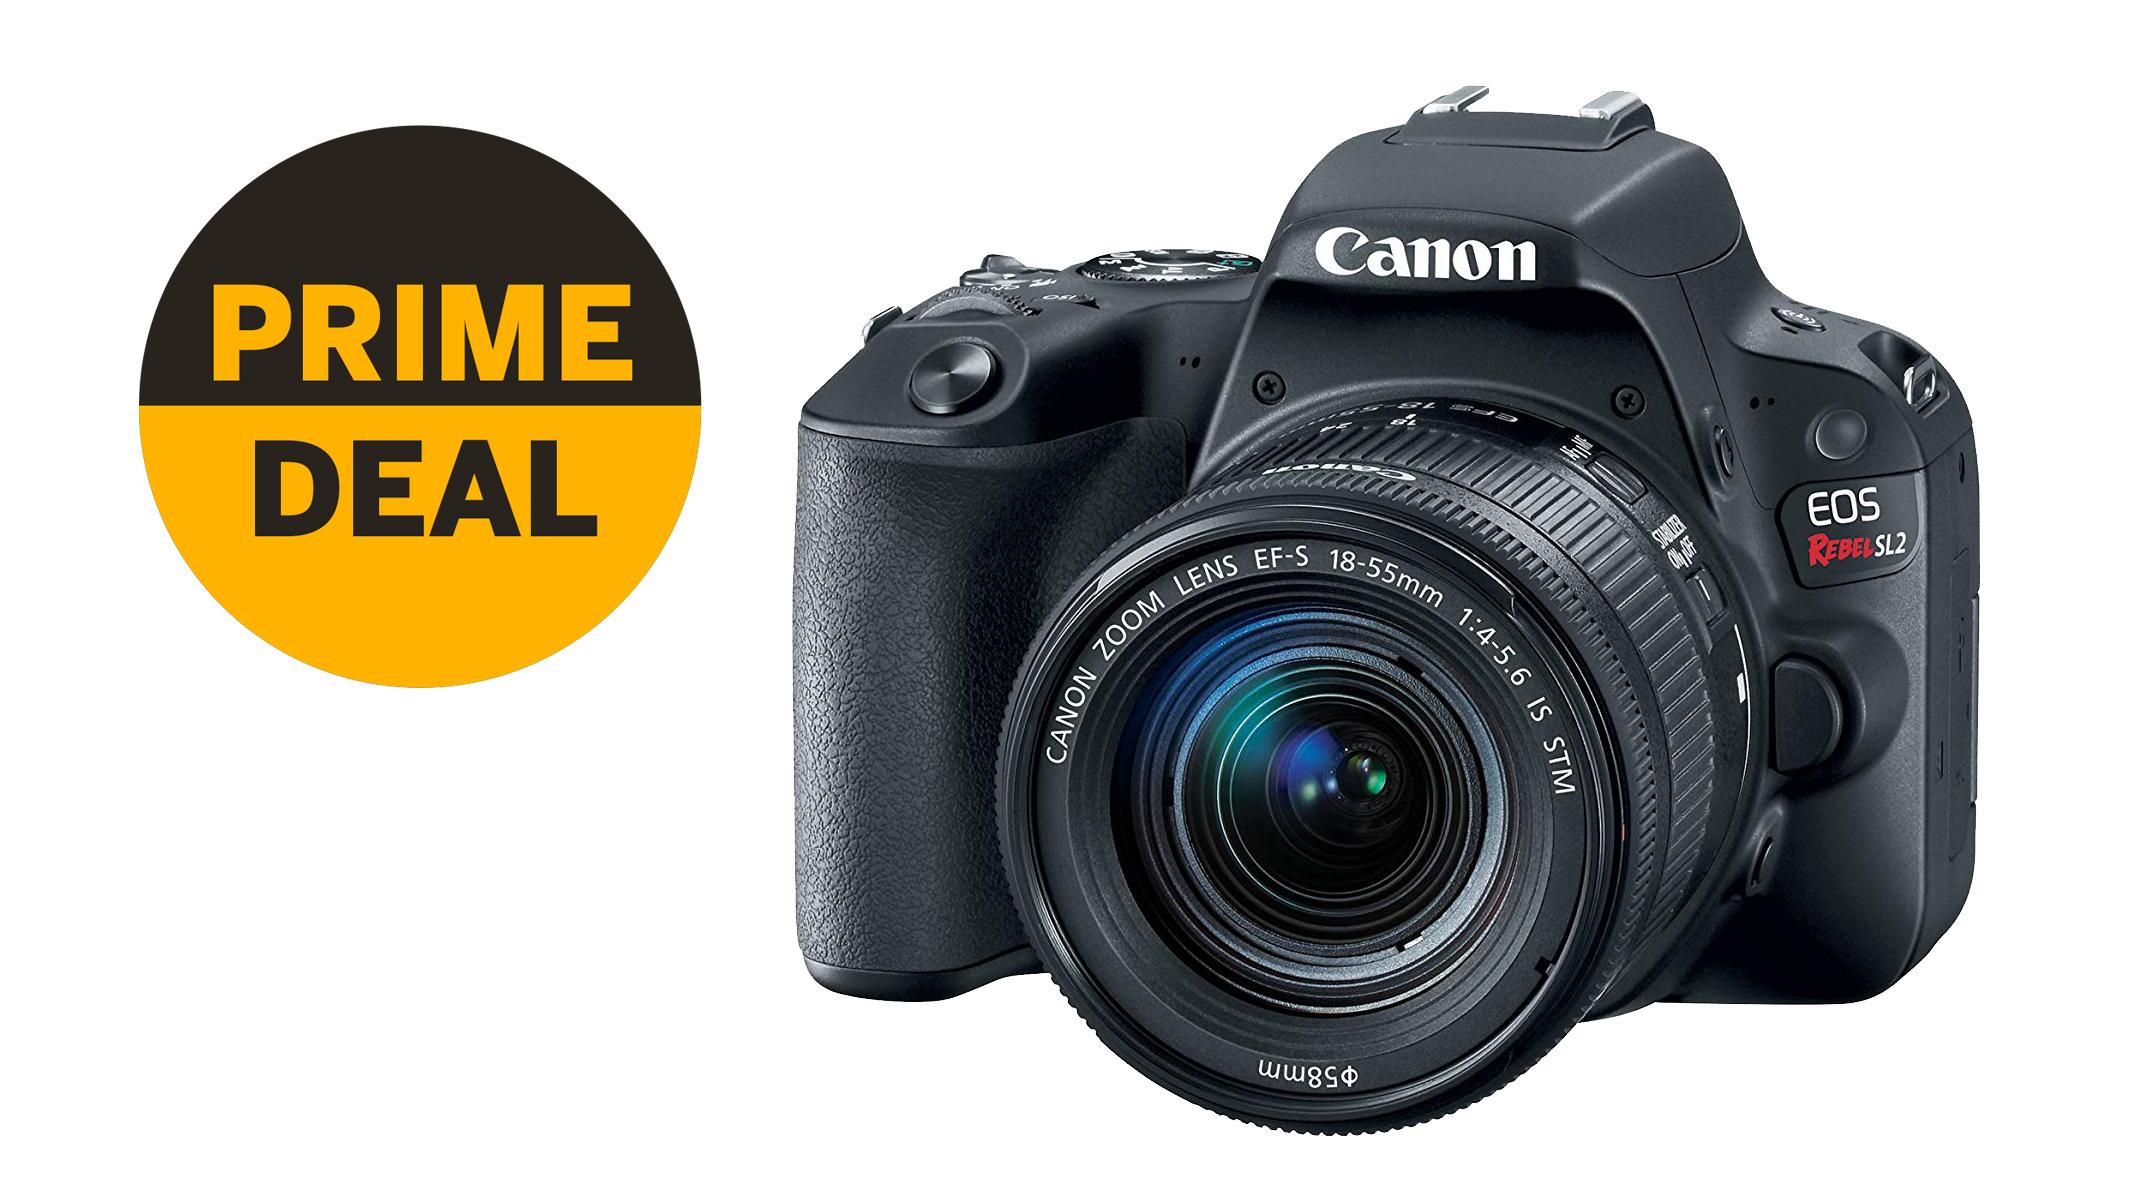 Mega Prime deal! Canon EOS Rebel SL2 with 18-55mm lens slashed by $165 | Digital Camera World